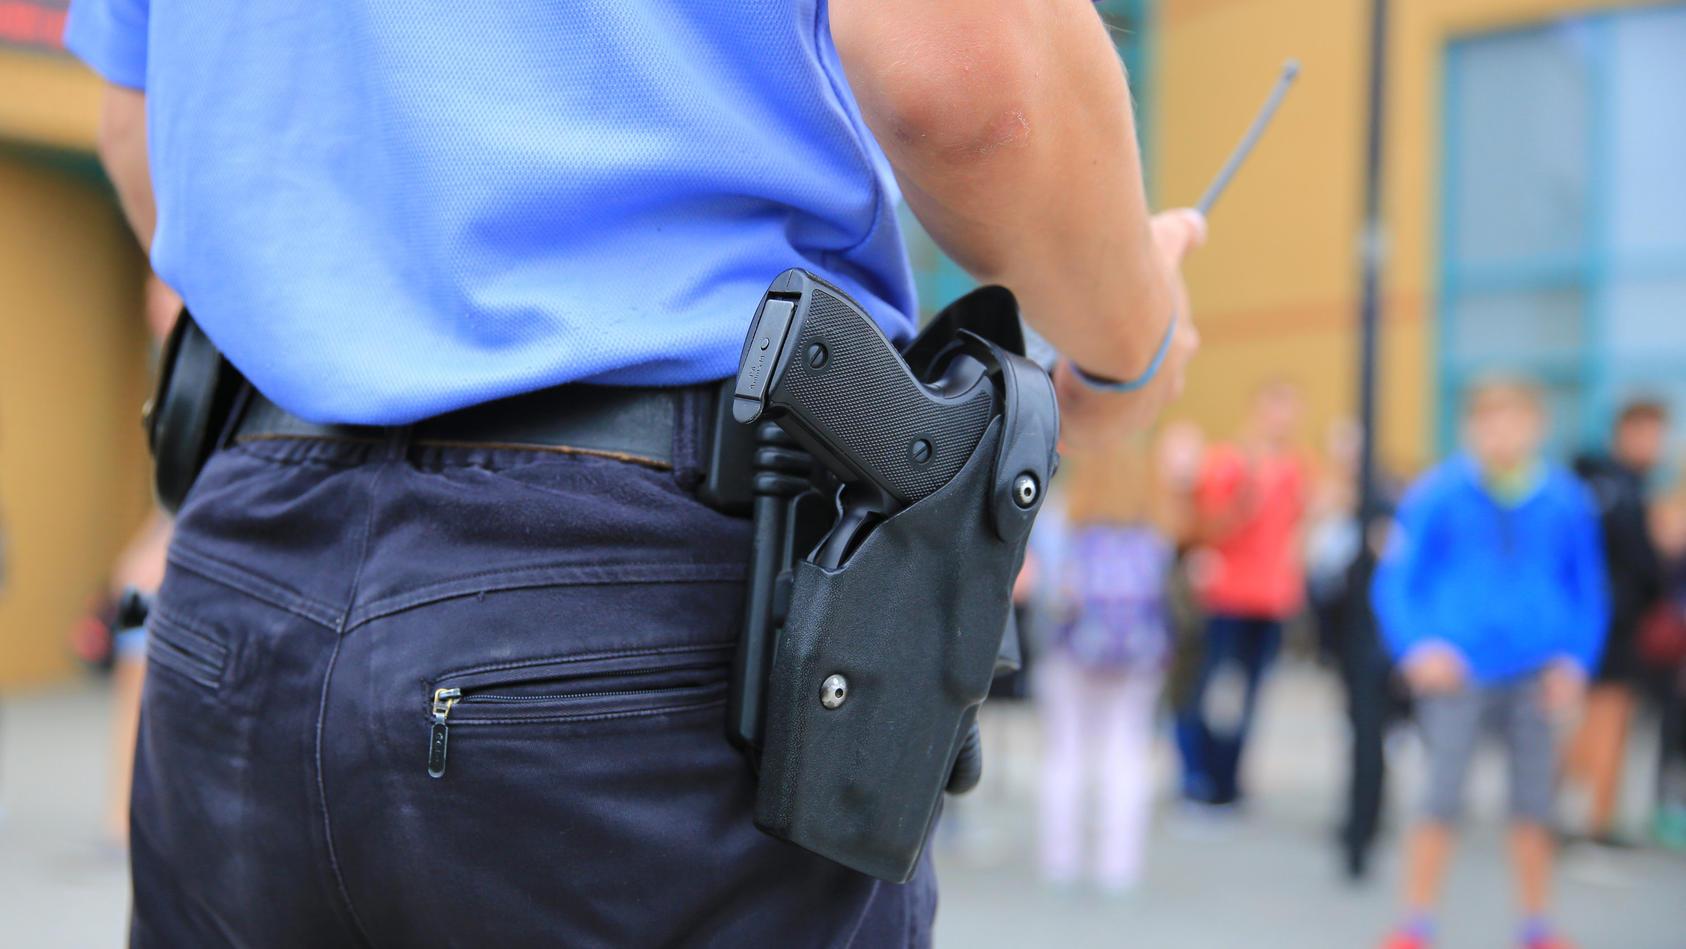 An einer Schule in Heppenheim hat ein 17-Jähriger einen Lehrer verprügelt (Foto: Motivbild).